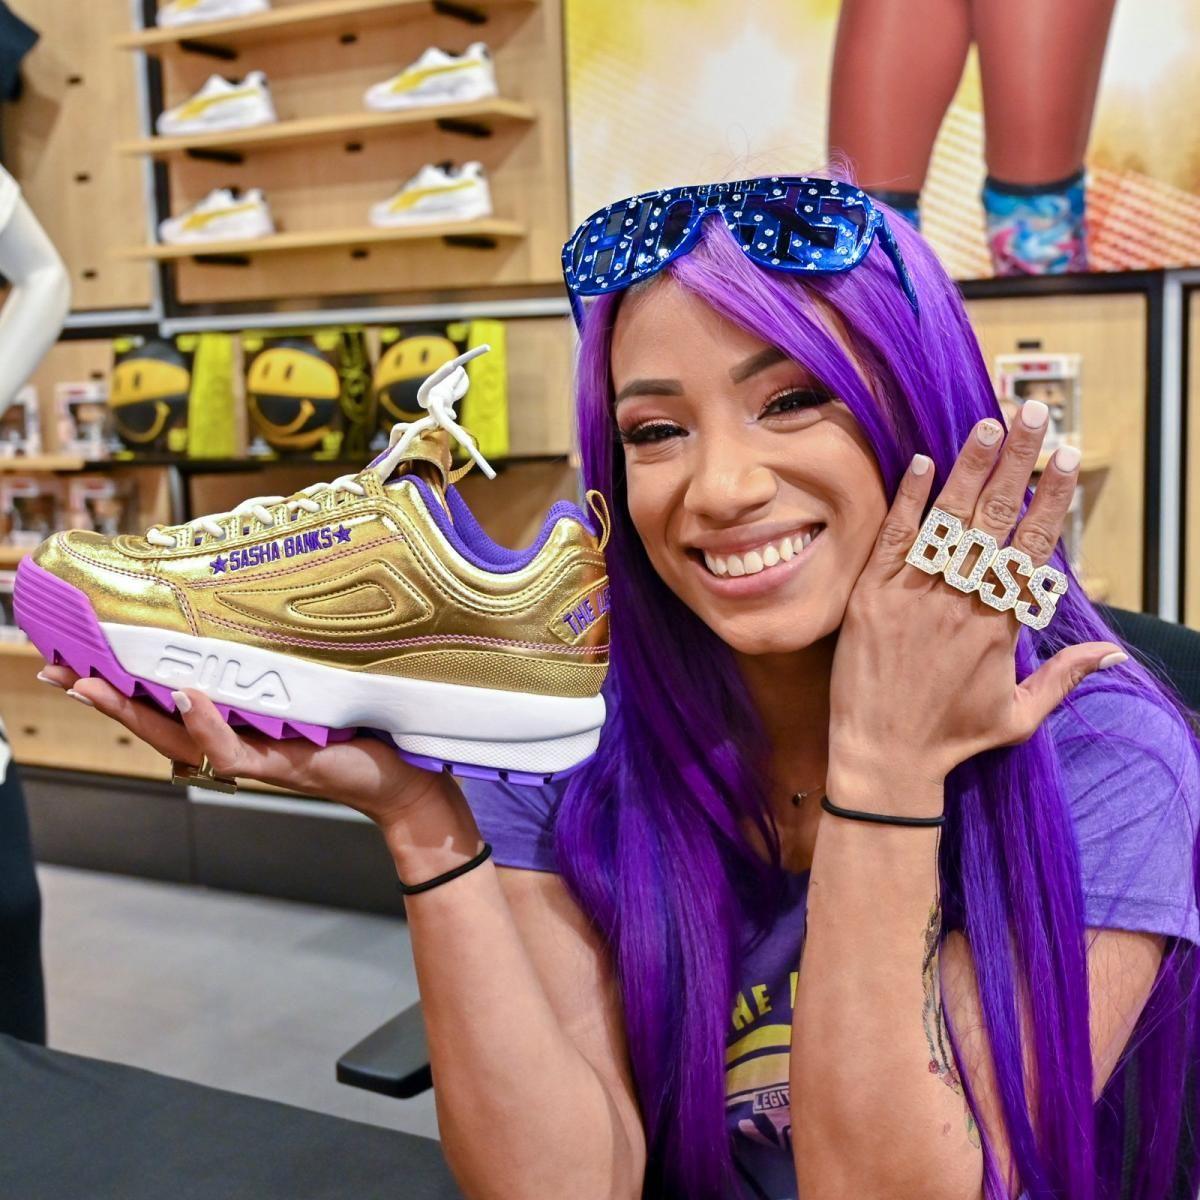 Sasha bank, Wwe sasha banks, Foot locker